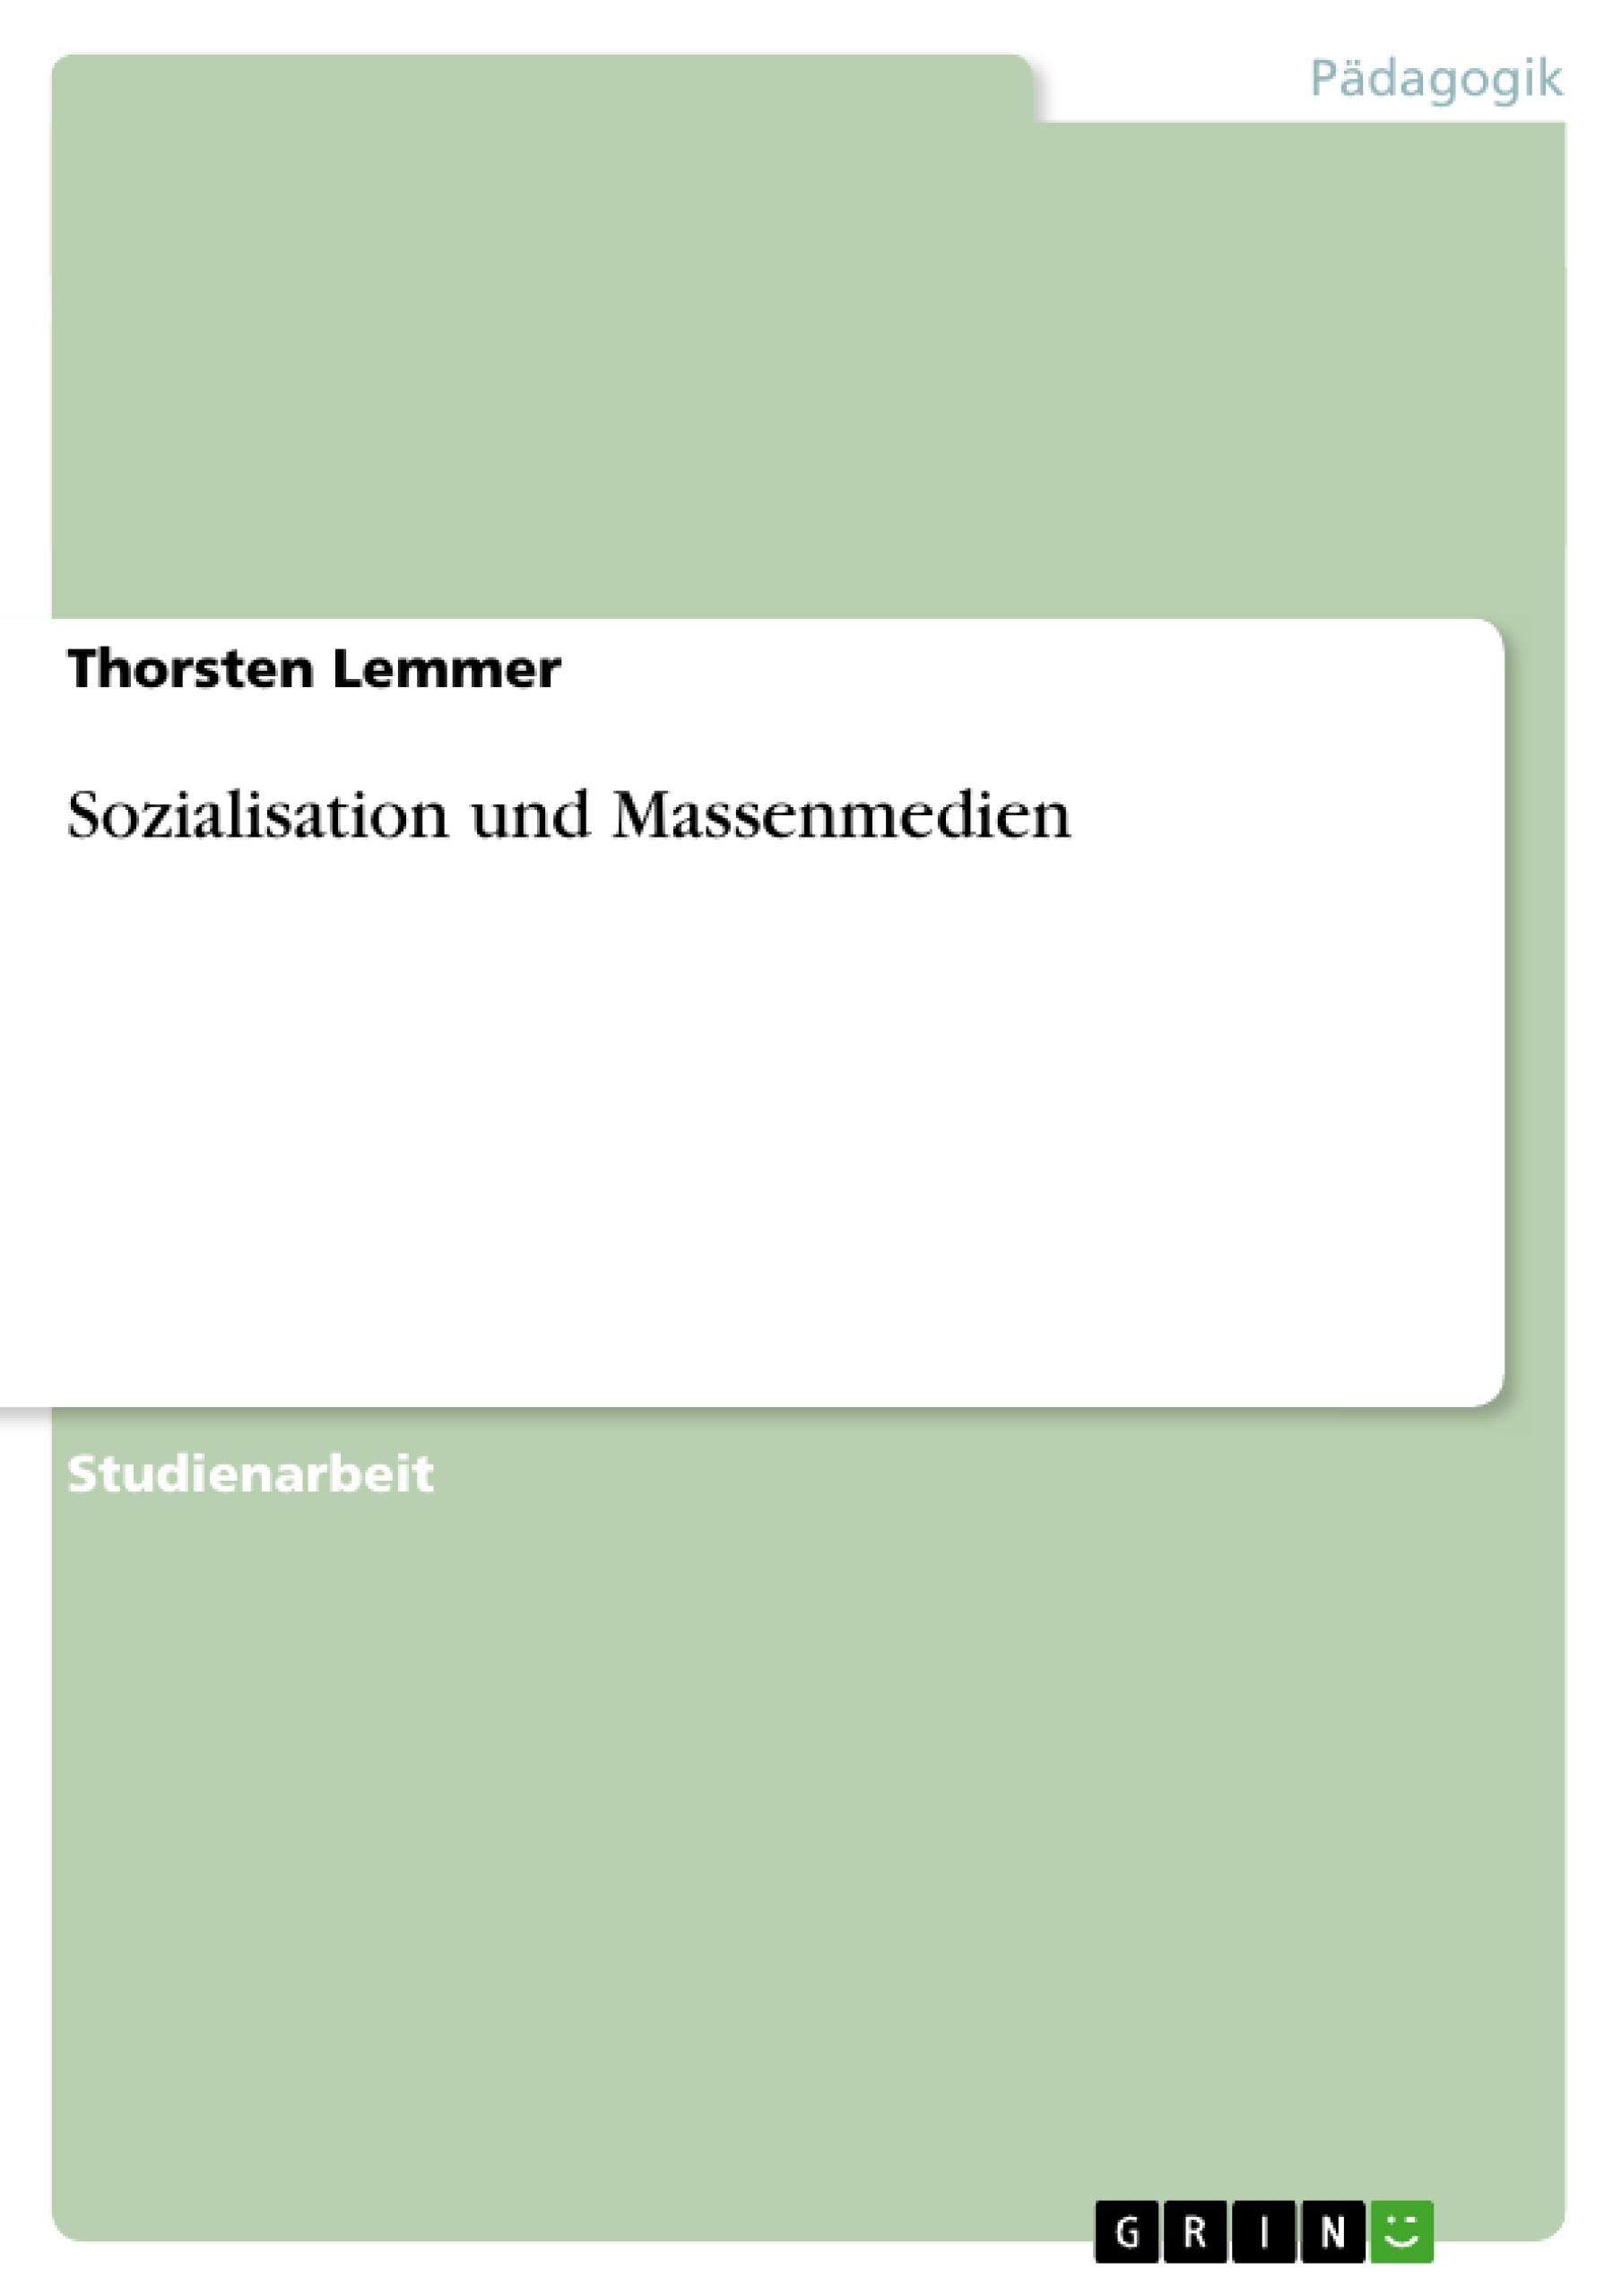 Titel: Sozialisation und Massenmedien